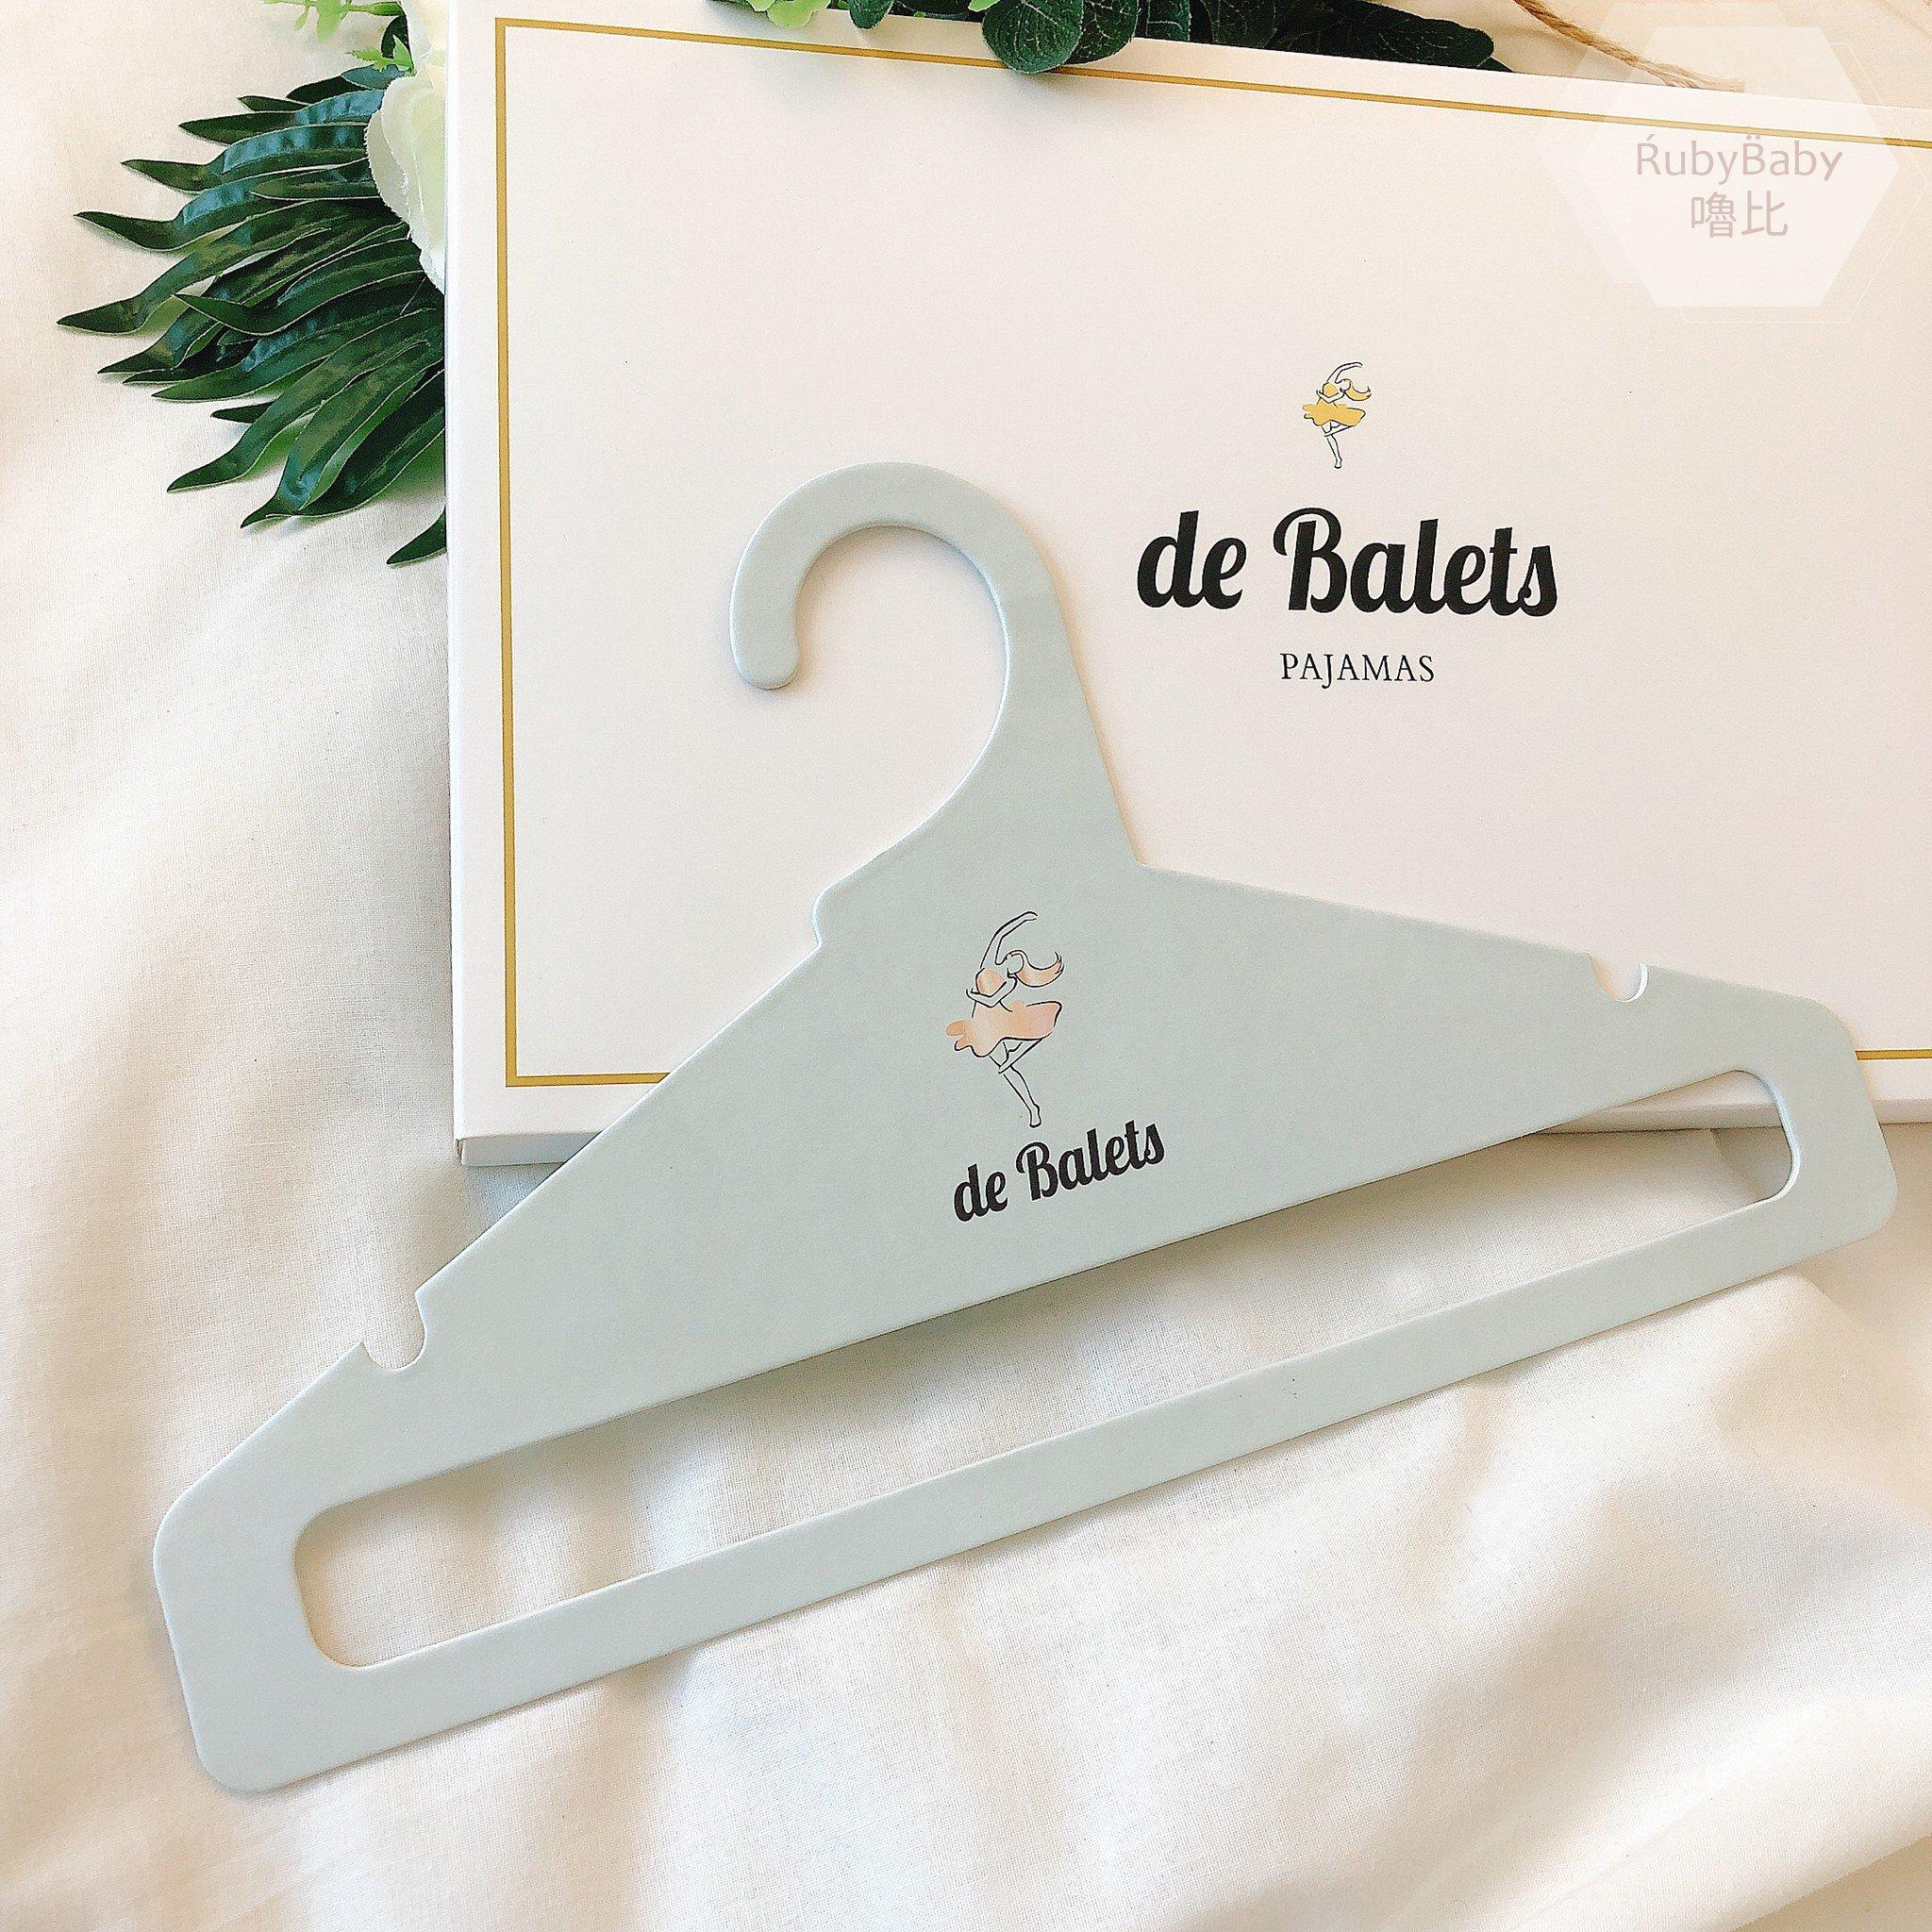 小巴黎de Balets 香水衣架